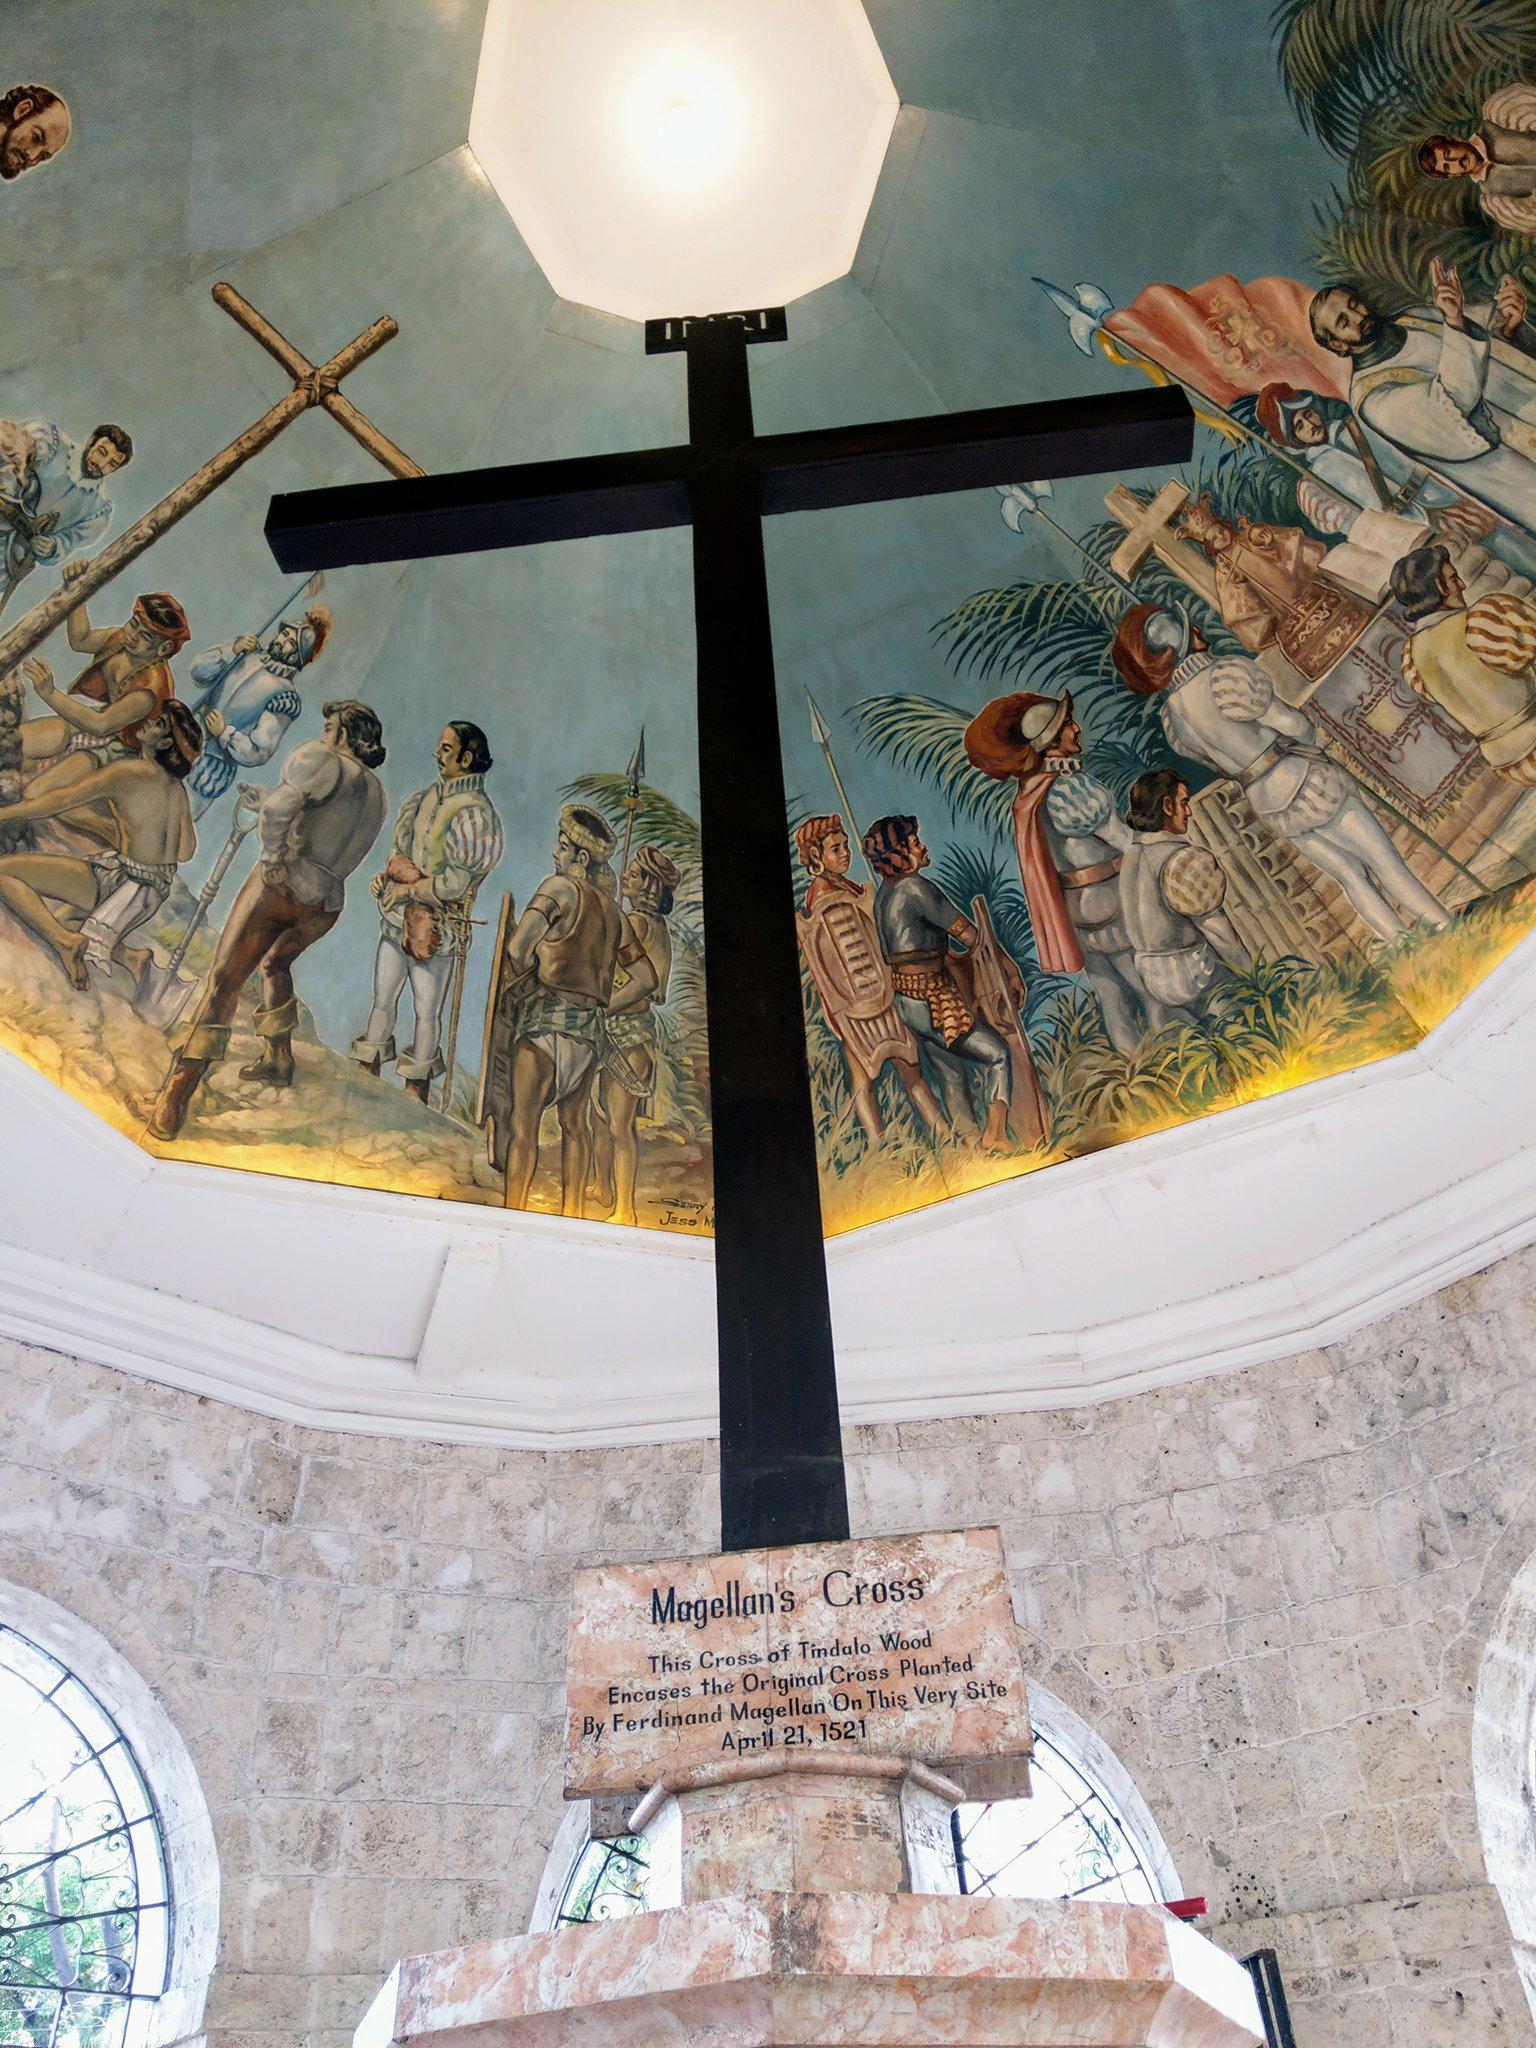 麥哲倫十字架|圖片來源:Vanessa